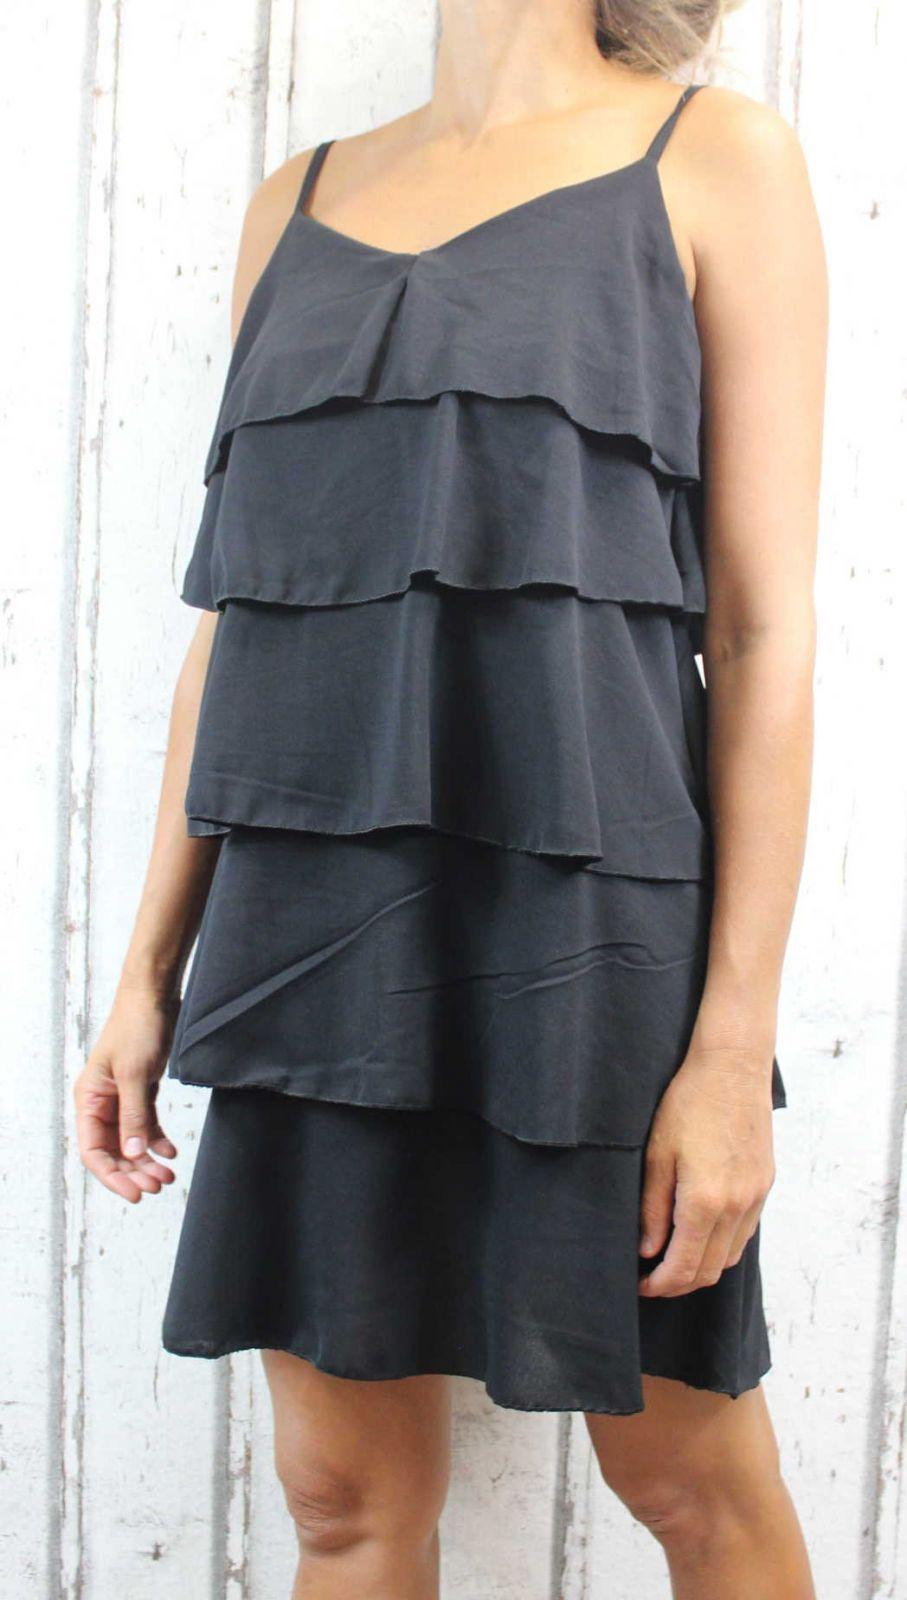 Dámské letní šaty, elegantní šaty, pohodlné šaty, černé elegantní šaty, černé koktejlové šaty, šaty s volány, šaty na ramínka Italy Moda